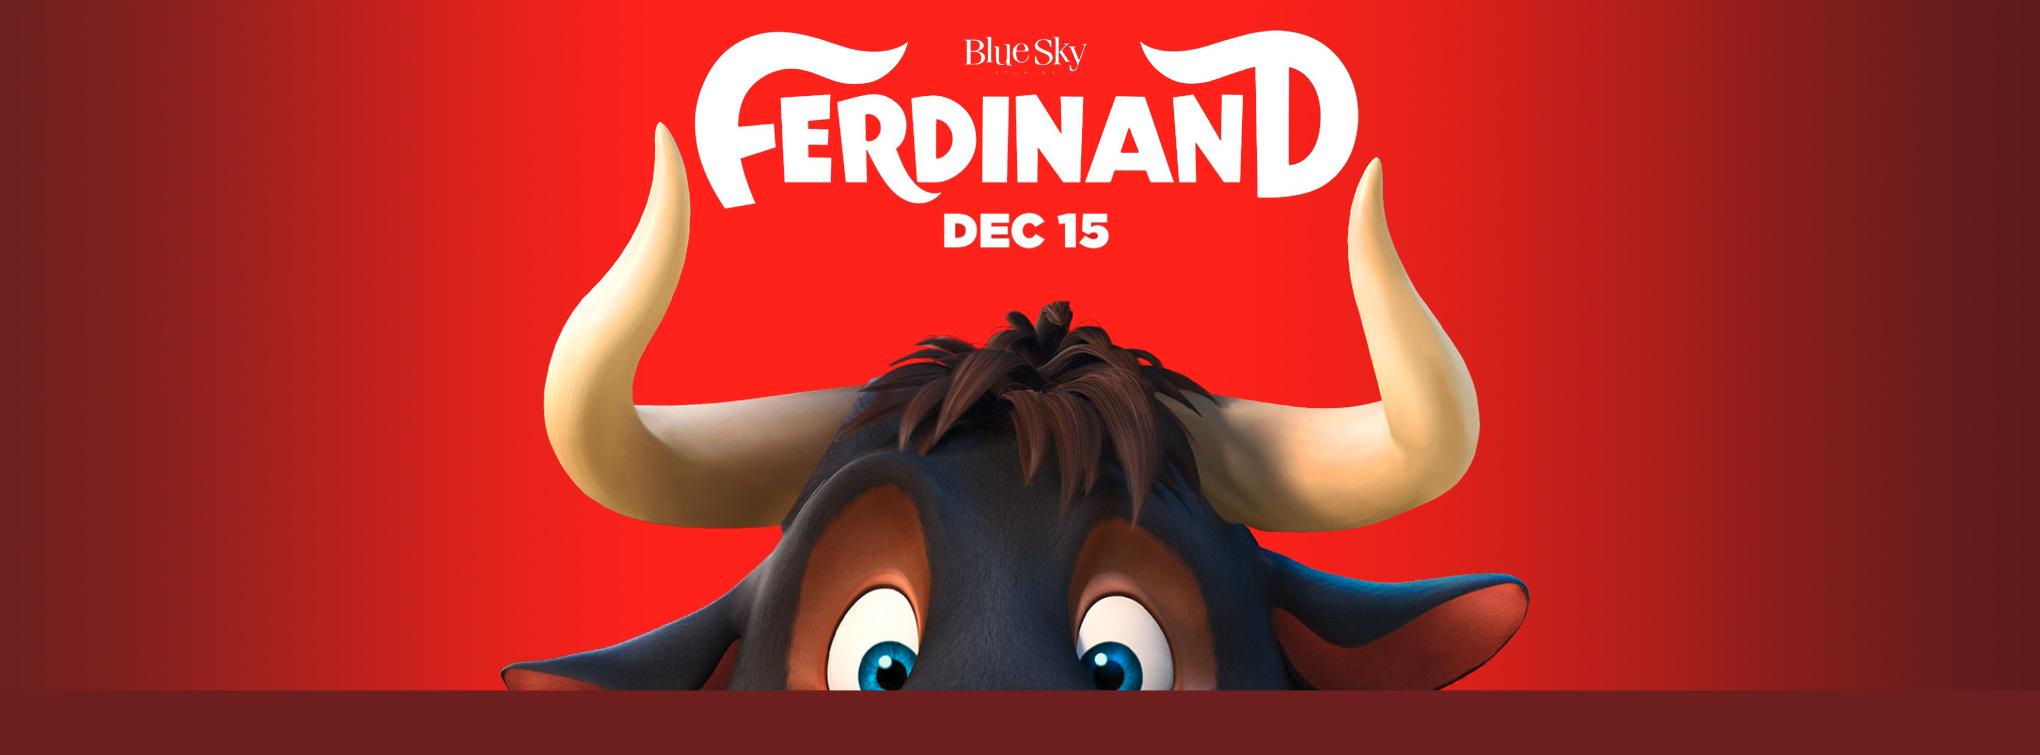 Slider image for Ferdinand